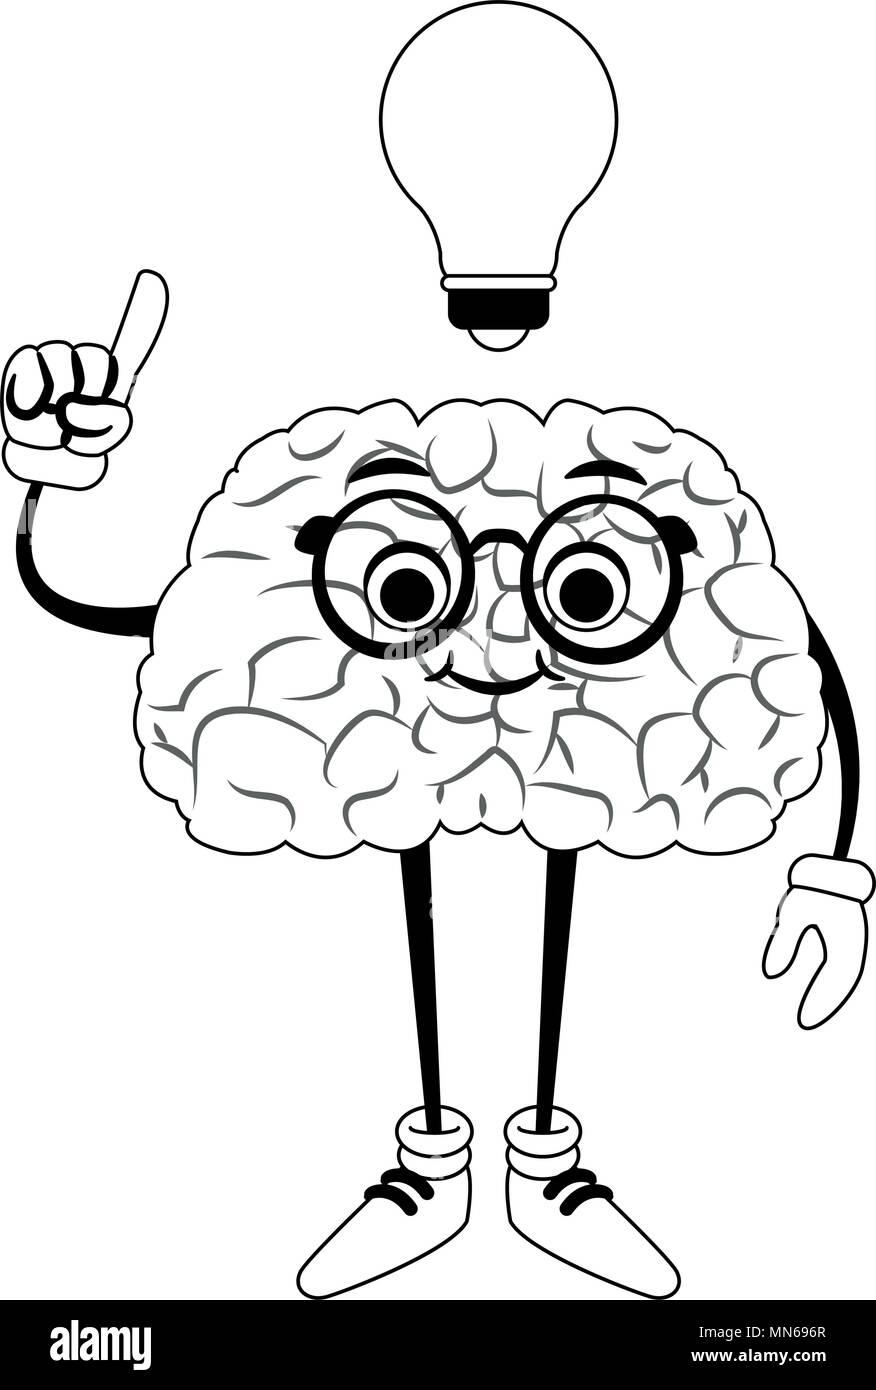 Erfreut Gehirn Farbung Seite Zeitgenössisch - Malvorlagen Von Tieren ...